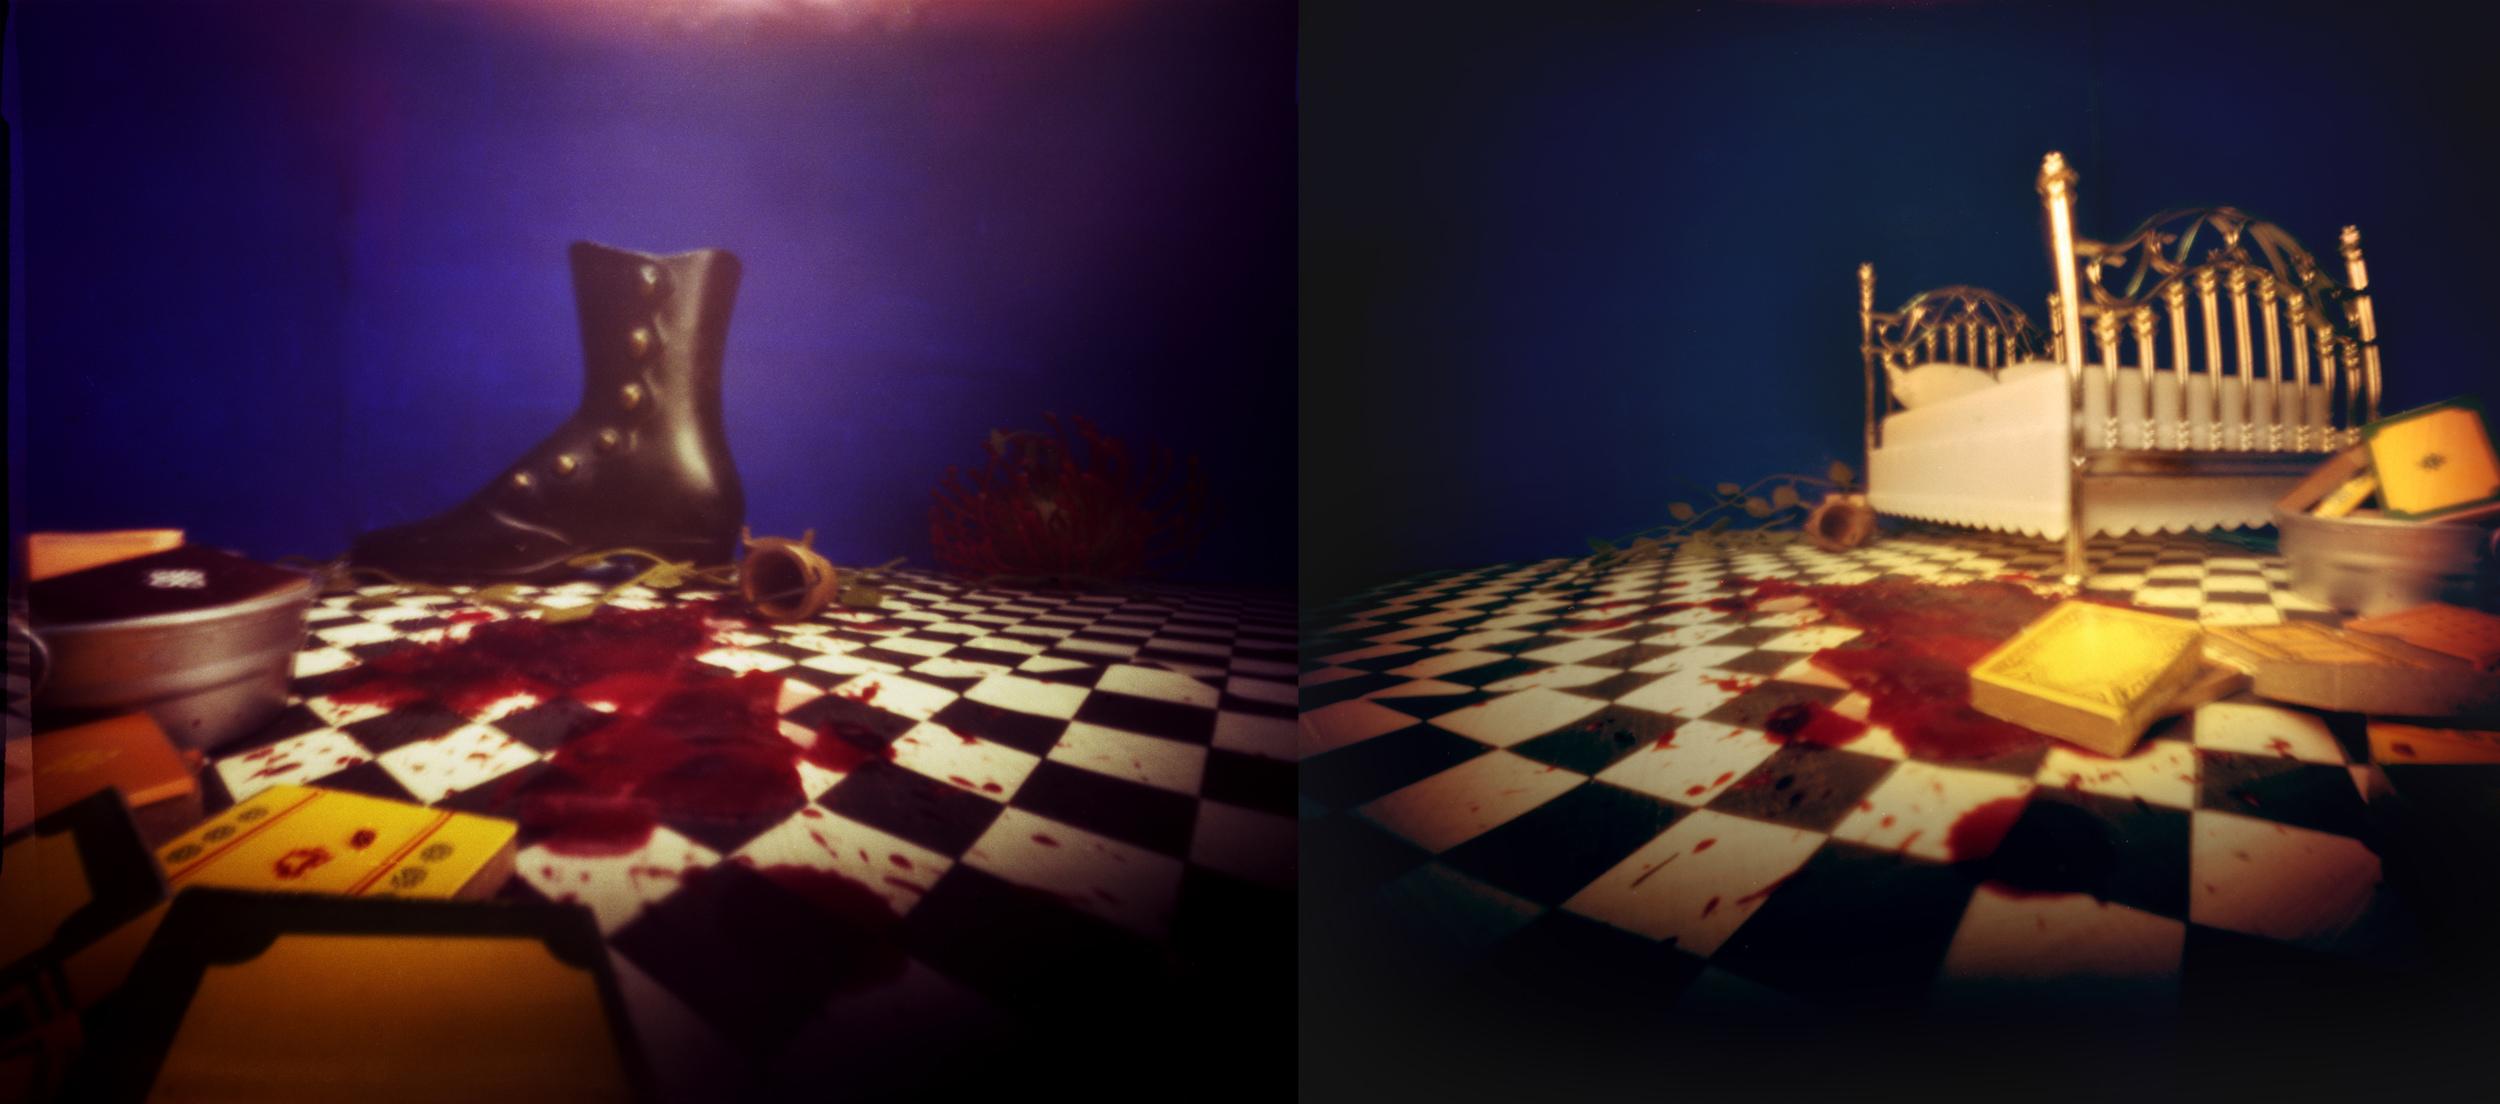 fairytalediptych5.jpg